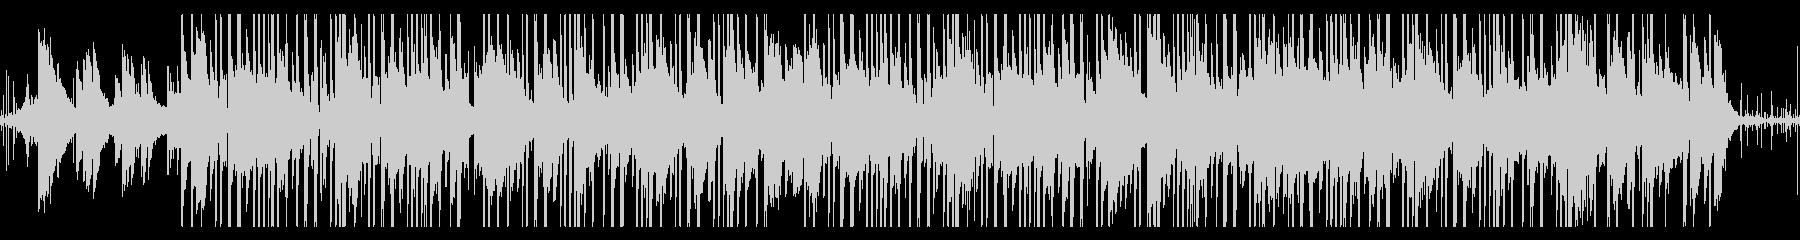 和風/日本/琴/おしゃれ/lofiビートの未再生の波形